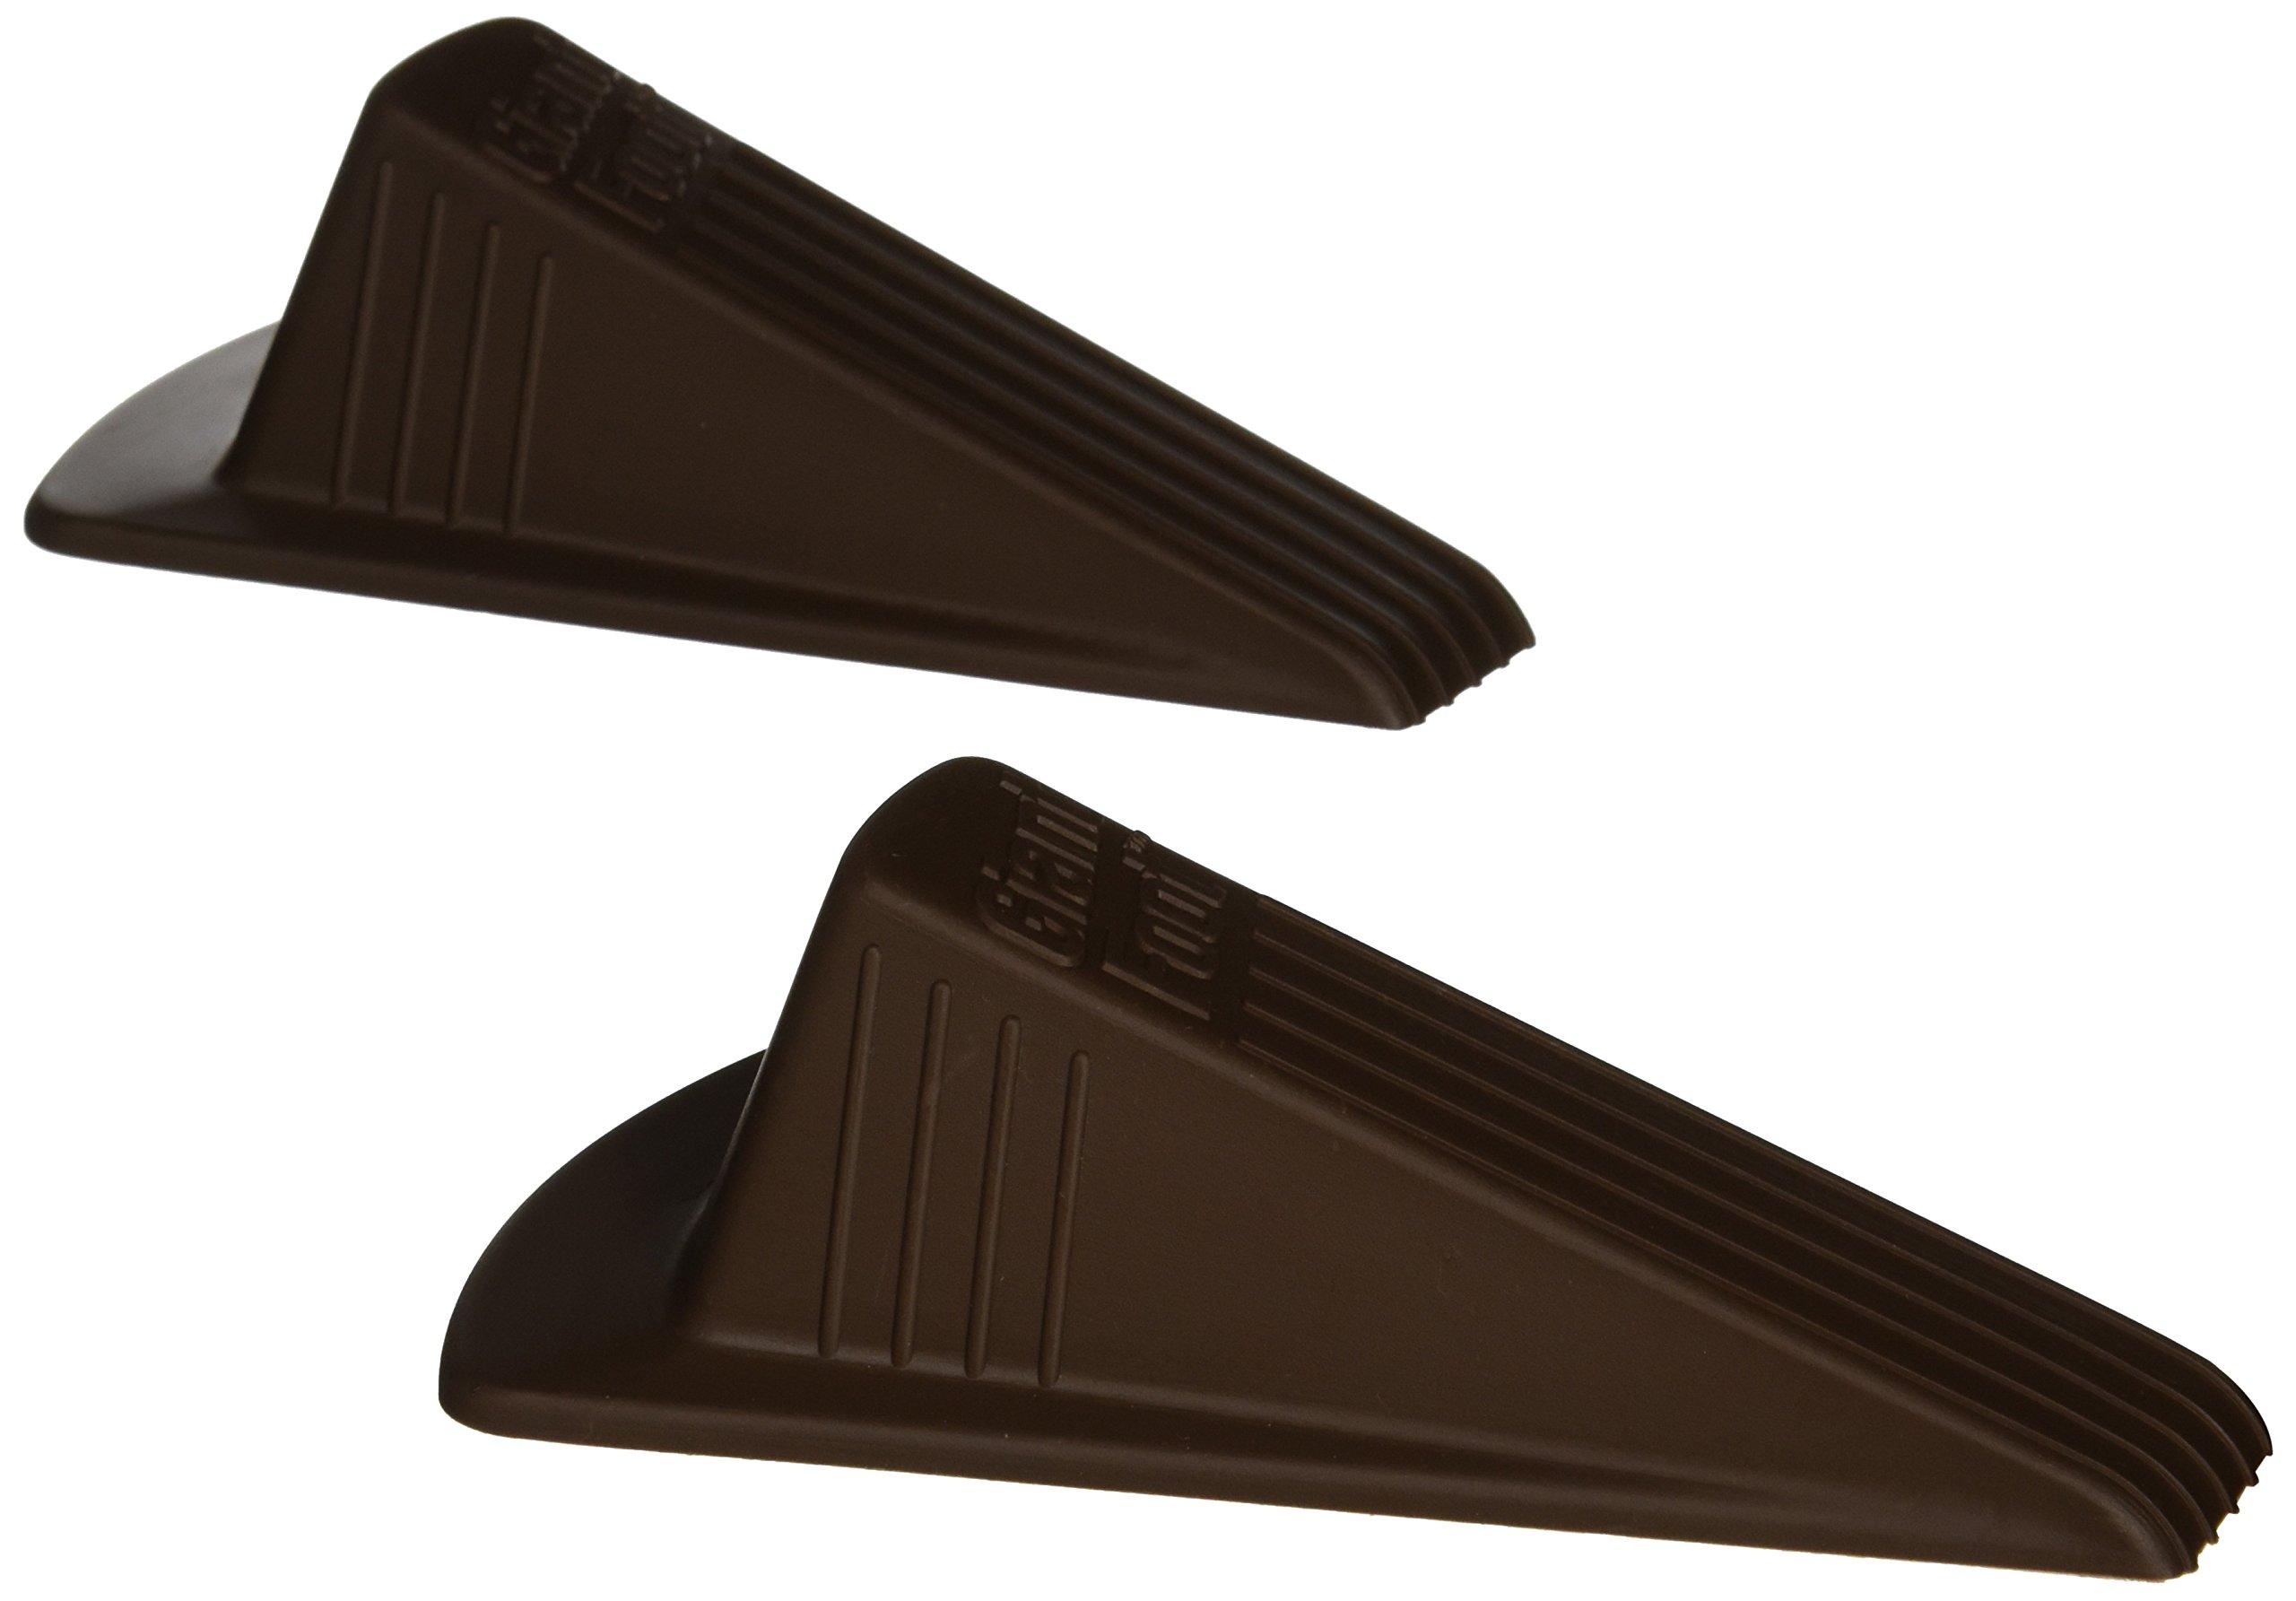 Giant Foot Doorstop, 6-3/4'' x 3-1/2'' x 2'', Brown, 2/Pack (00969)